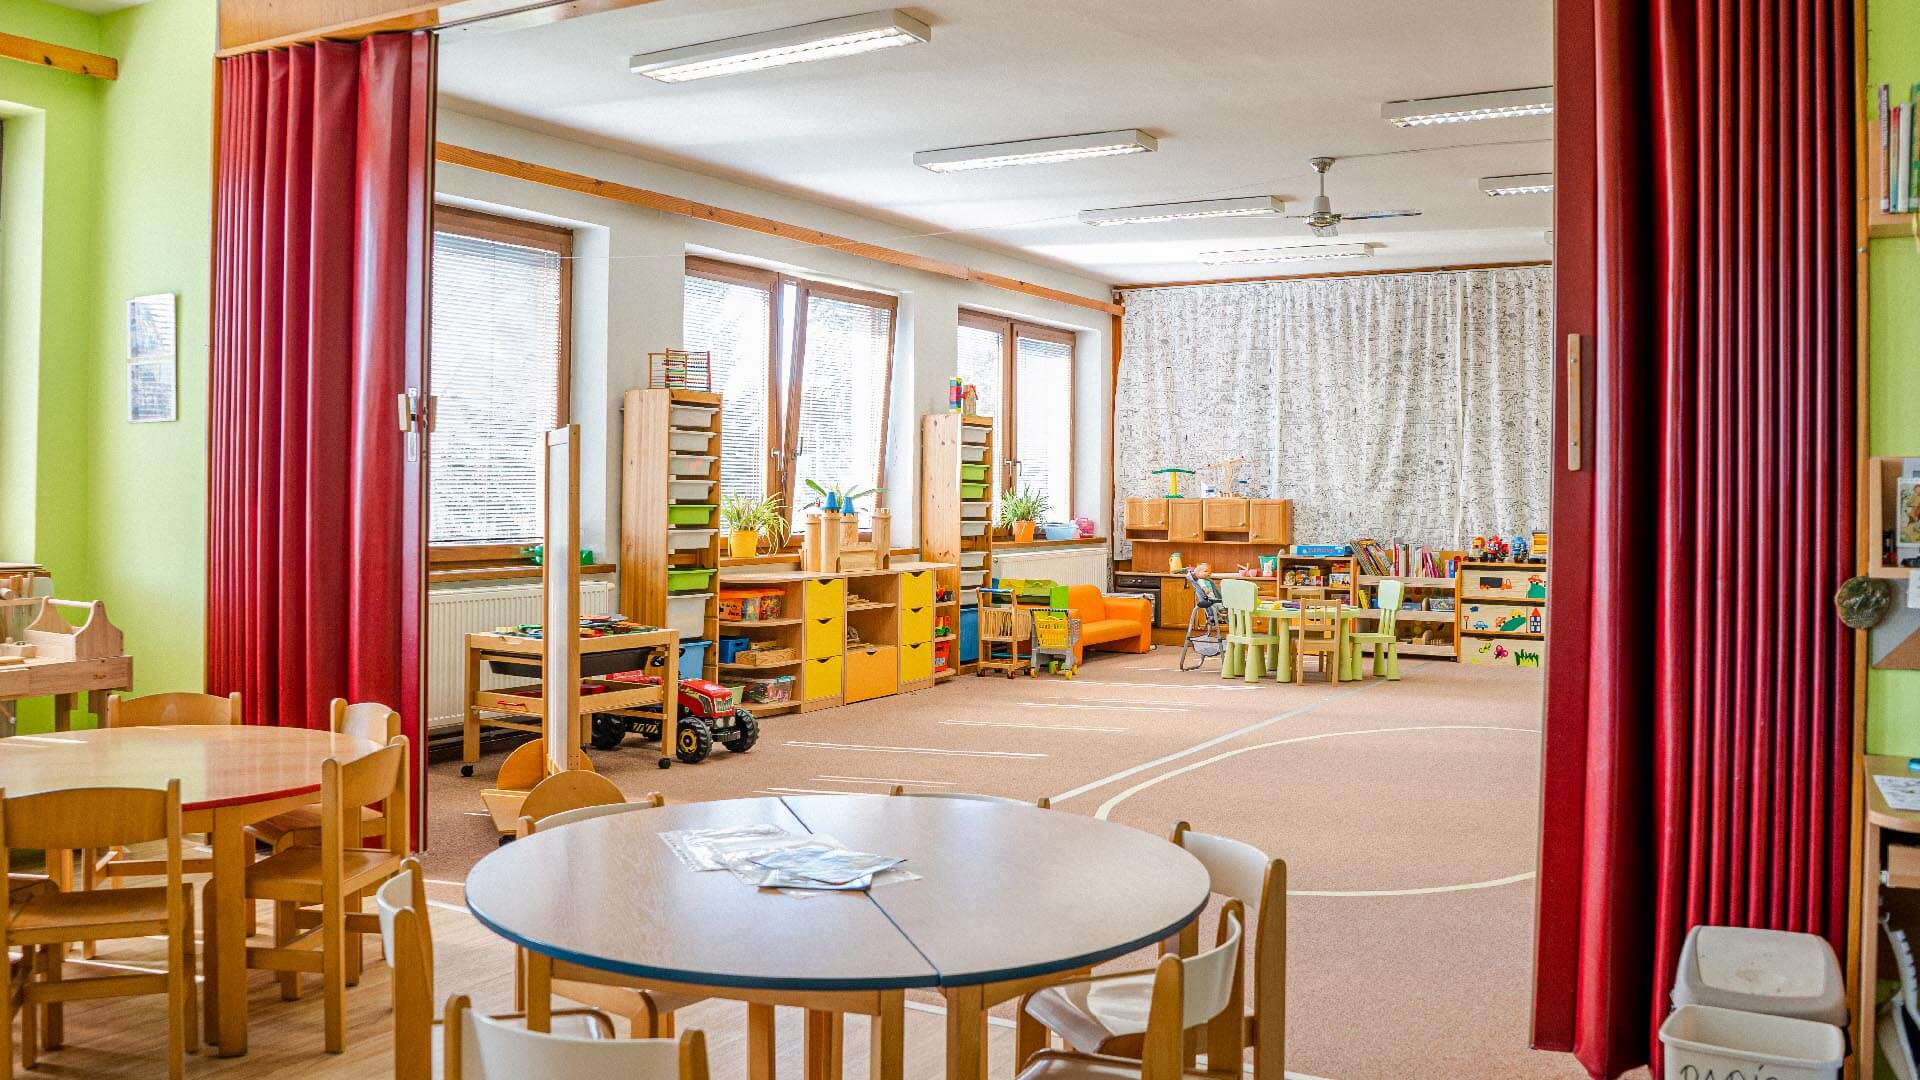 Interiér mateřské školky Cerekvice nad Loučnou